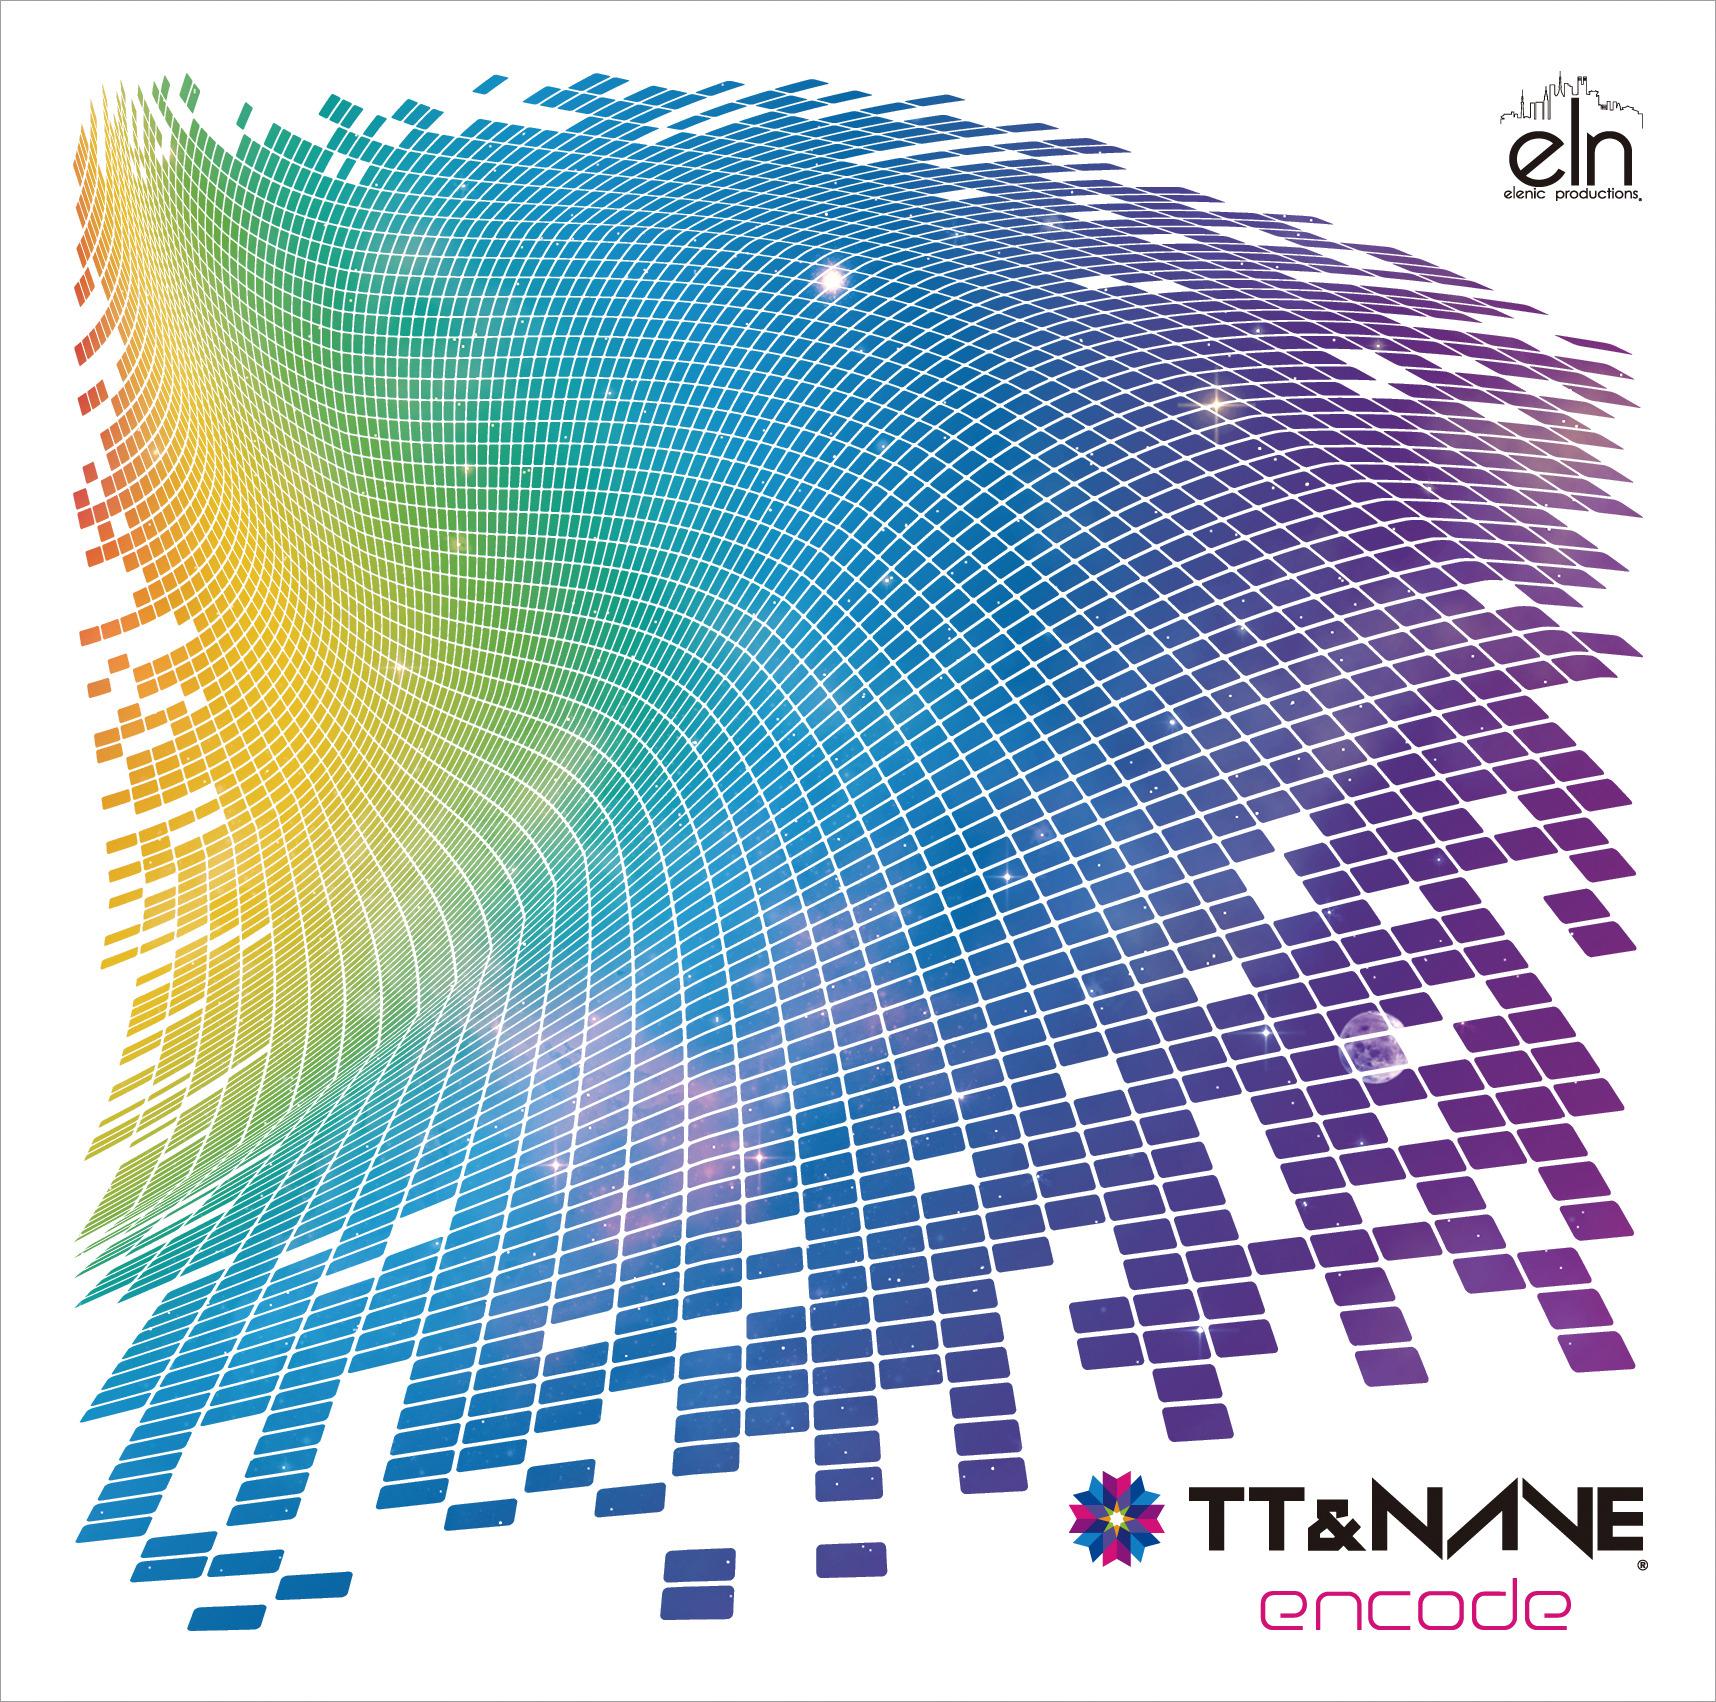 【音楽CD】TT&NAVE 「encode」(送料無料「国内のみ」)